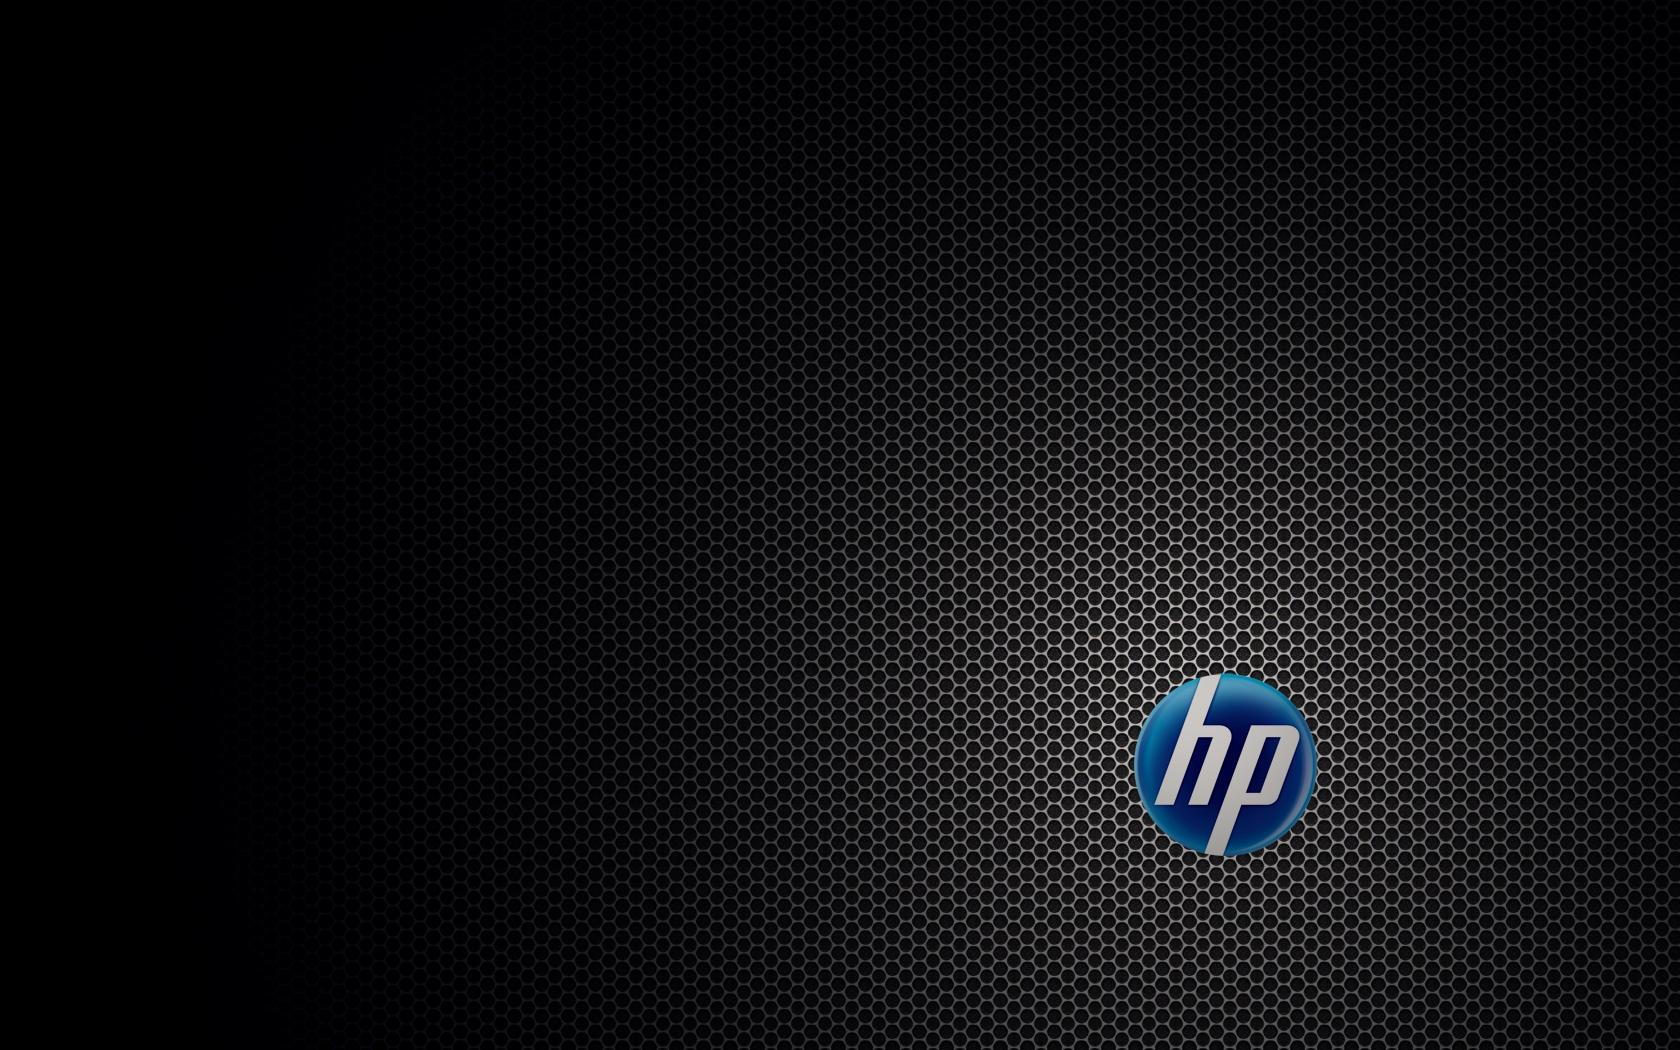 Hp Desktop Background - WallpaperSafari